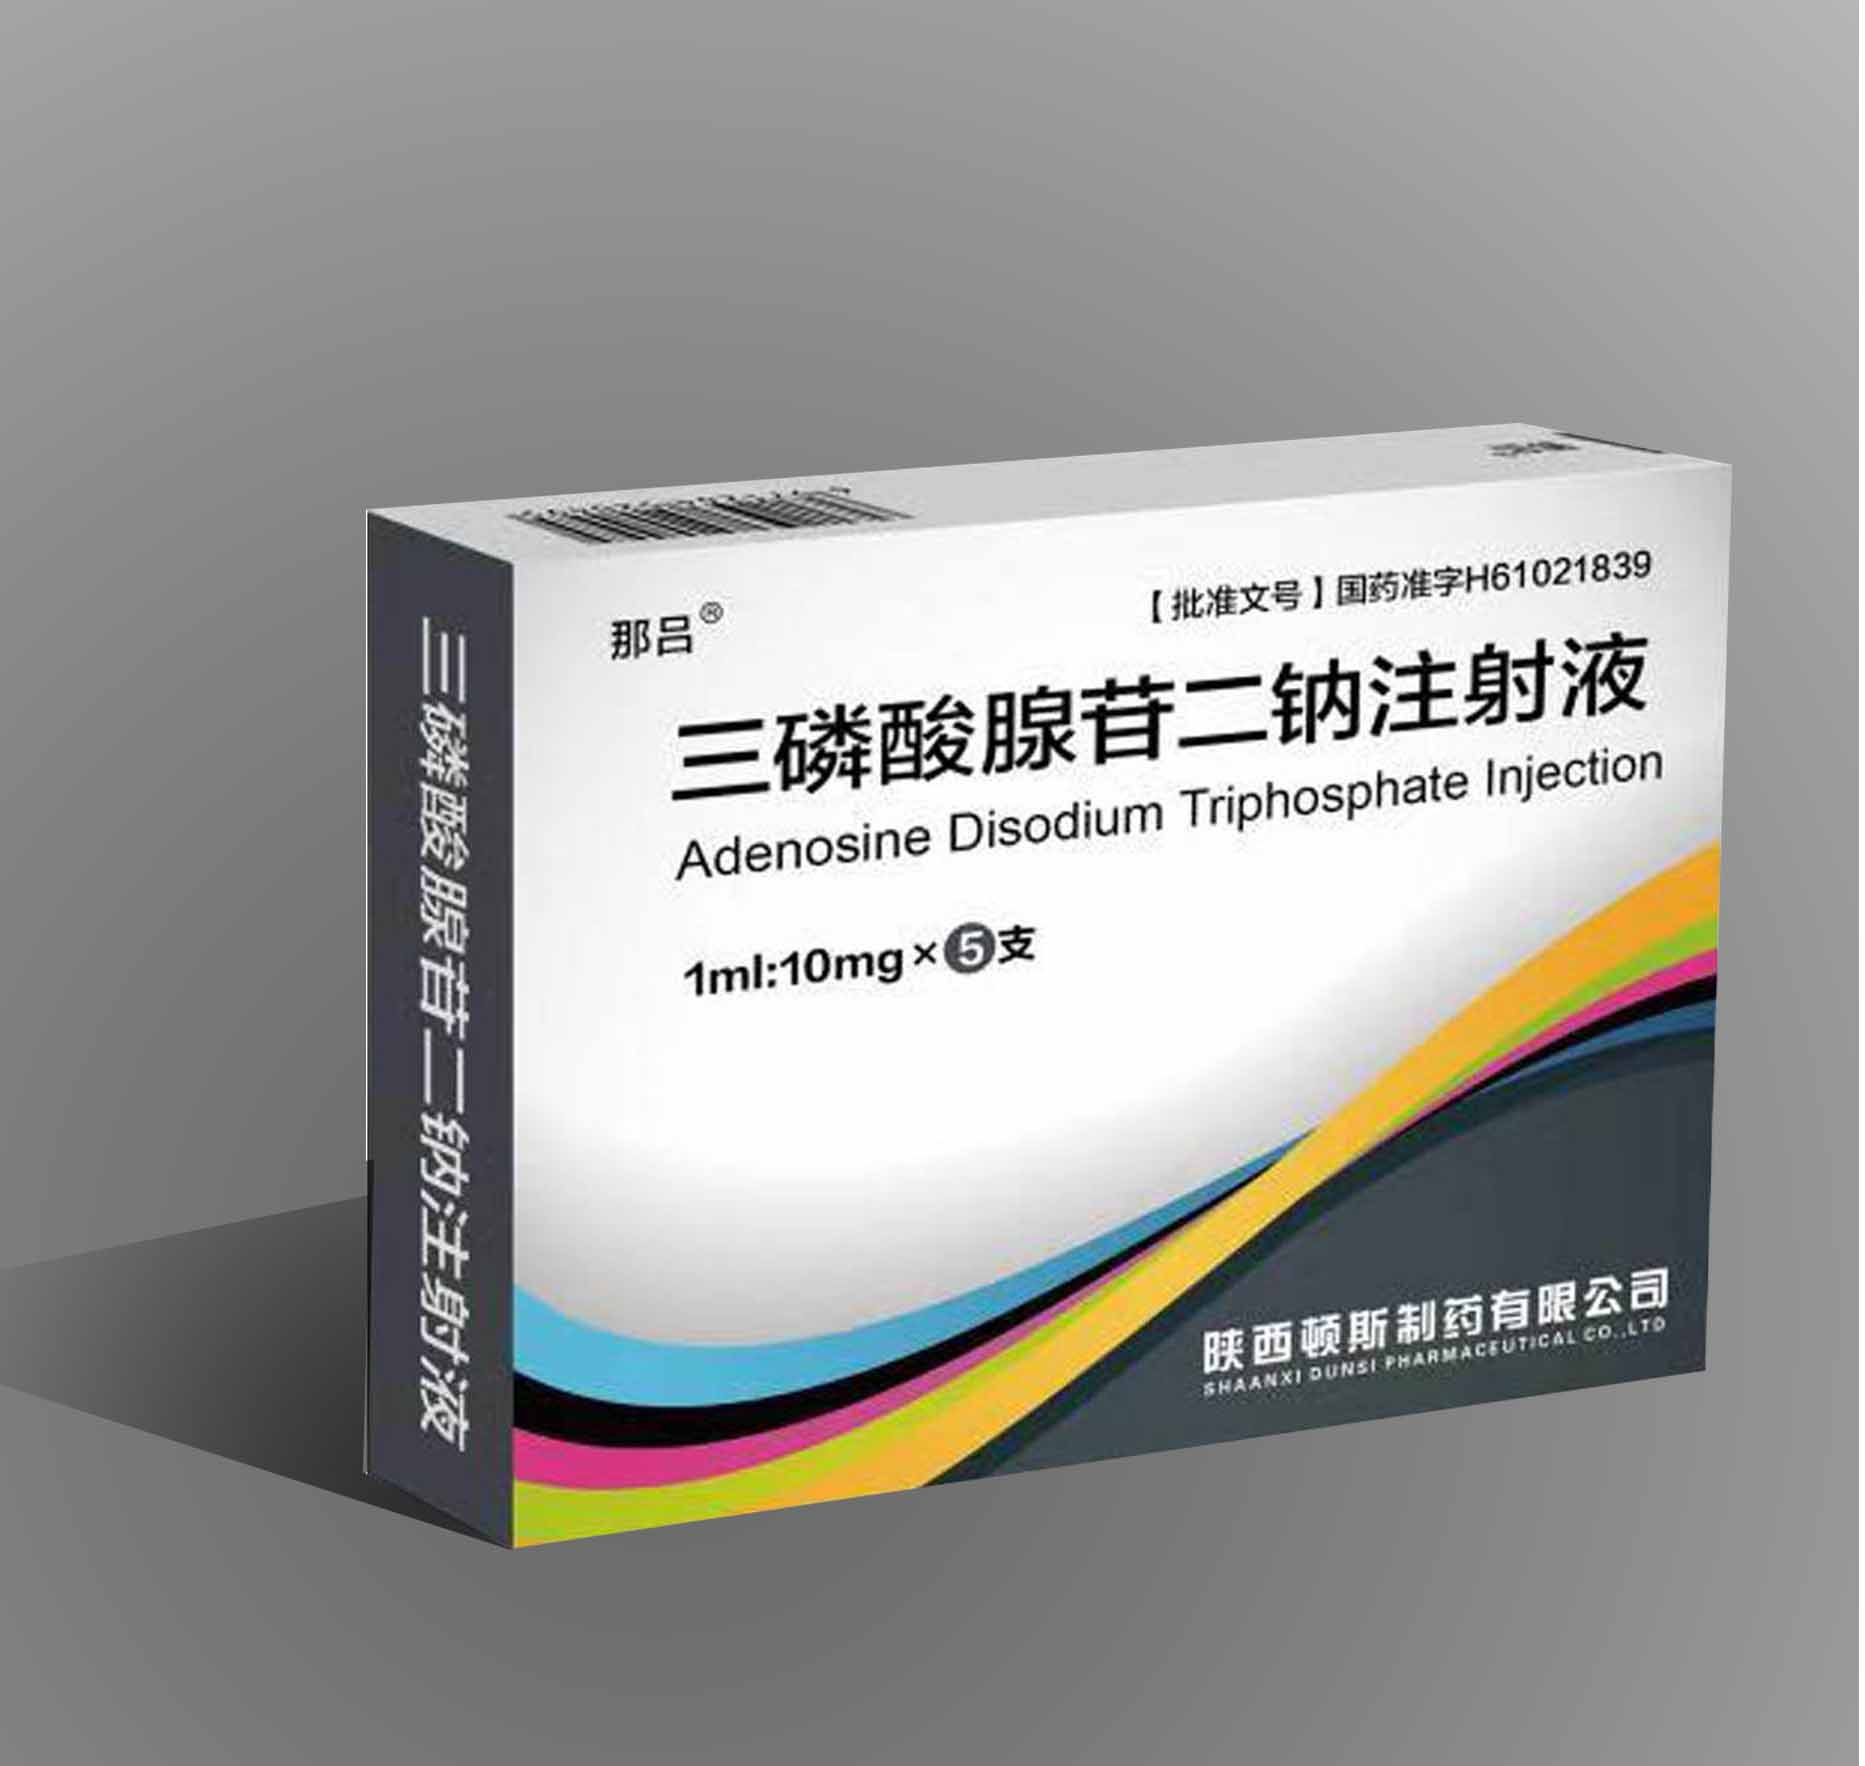 三磷酸腺苷二鈉注射液